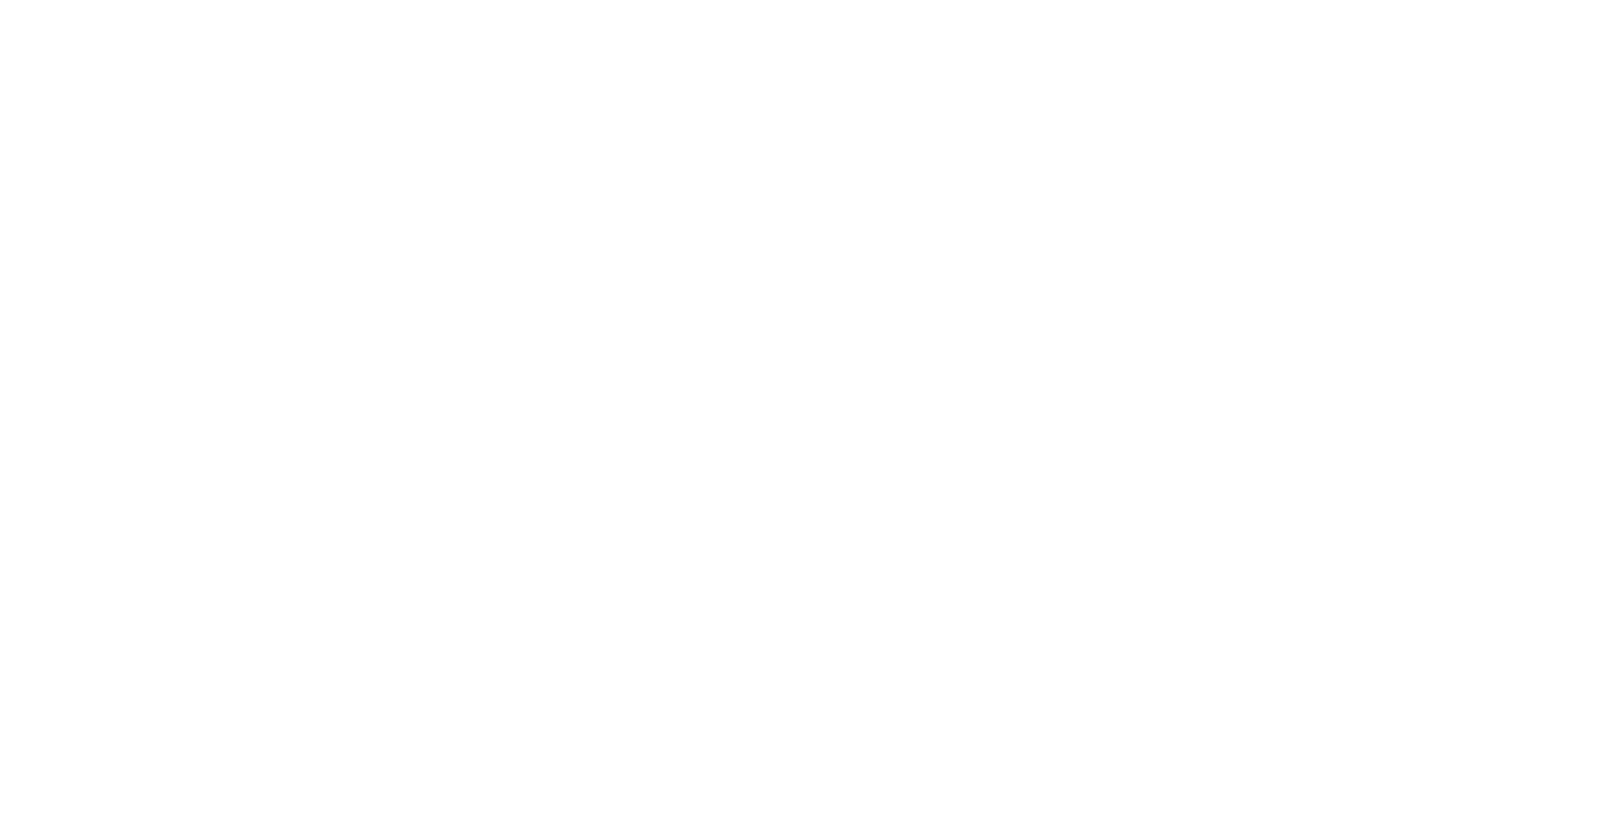 岐阜県大垣市のピアノ教室・ピアニスト | 五島史誉